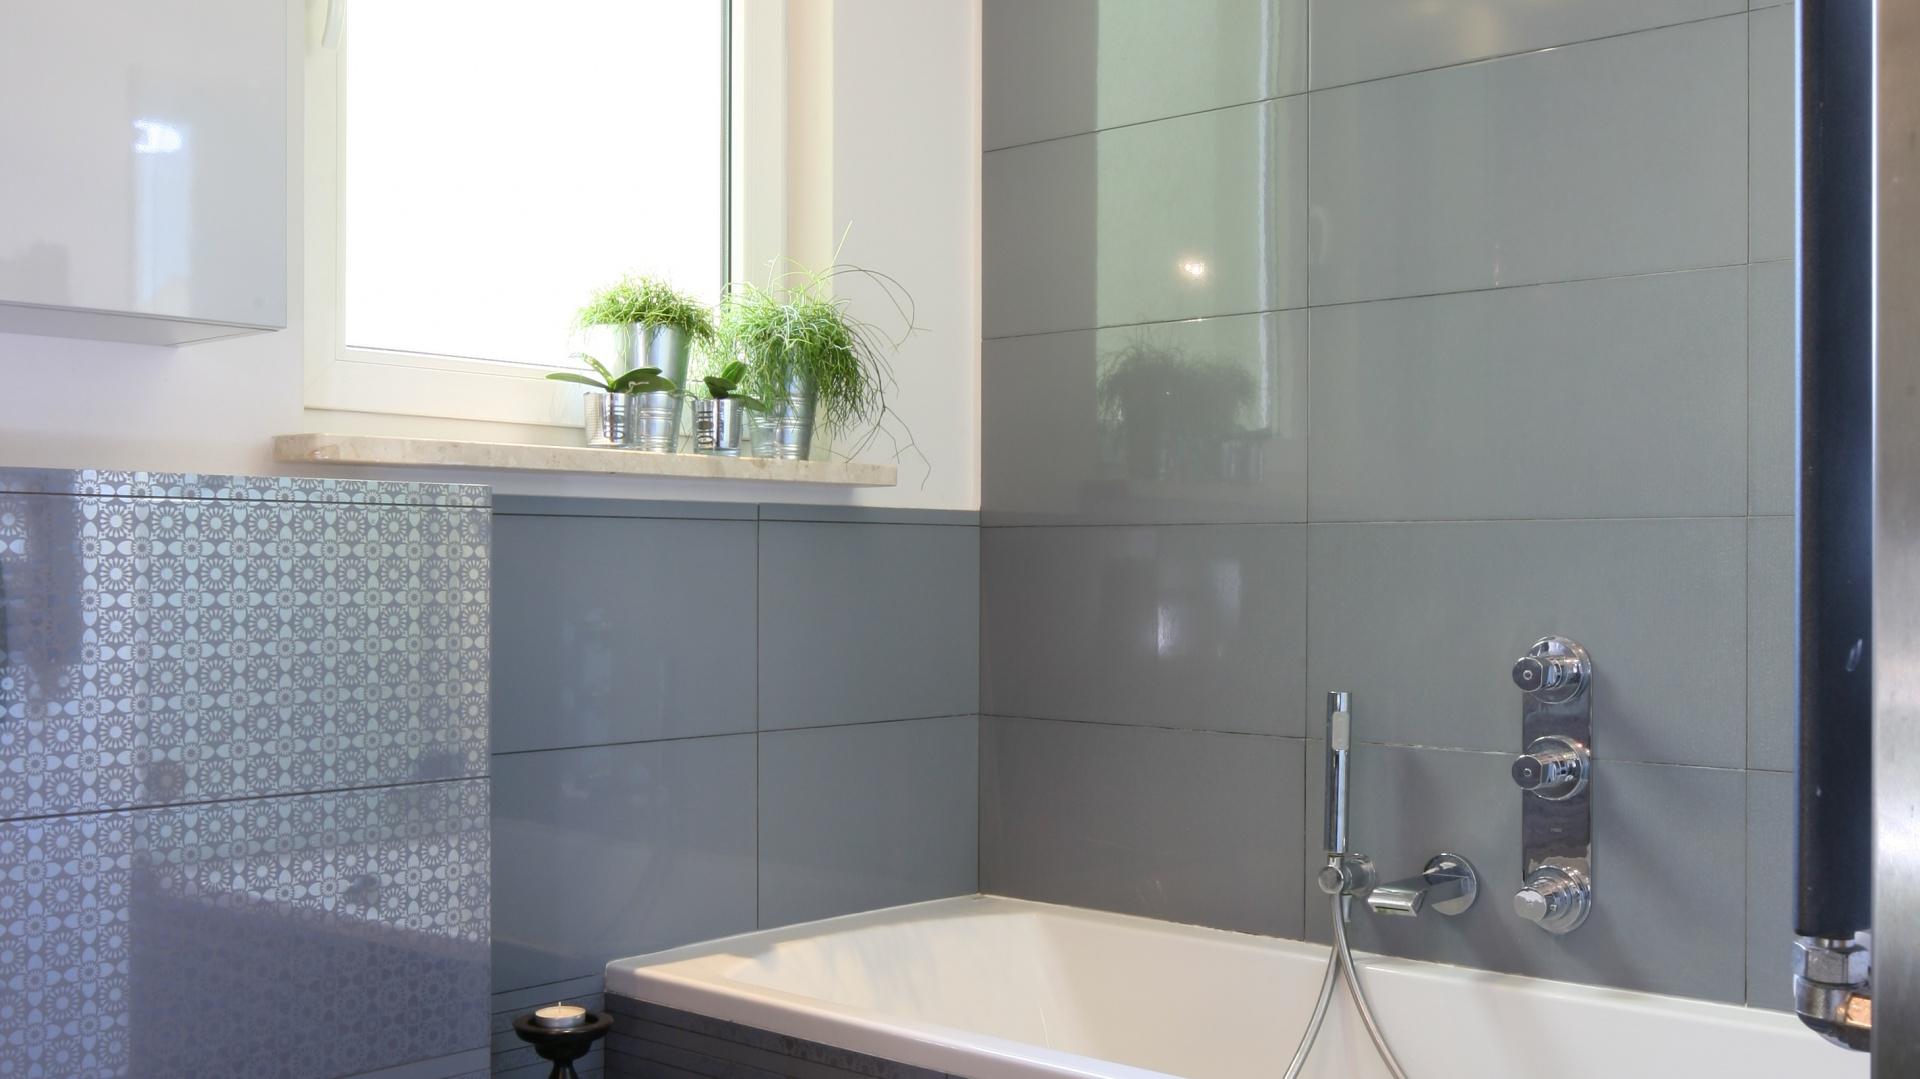 Światło spod wanny optycznie powiększa małą łazienkę. Projekt: Arkadiusz Grzędzicki. Fot. Bartosz Jarosz.